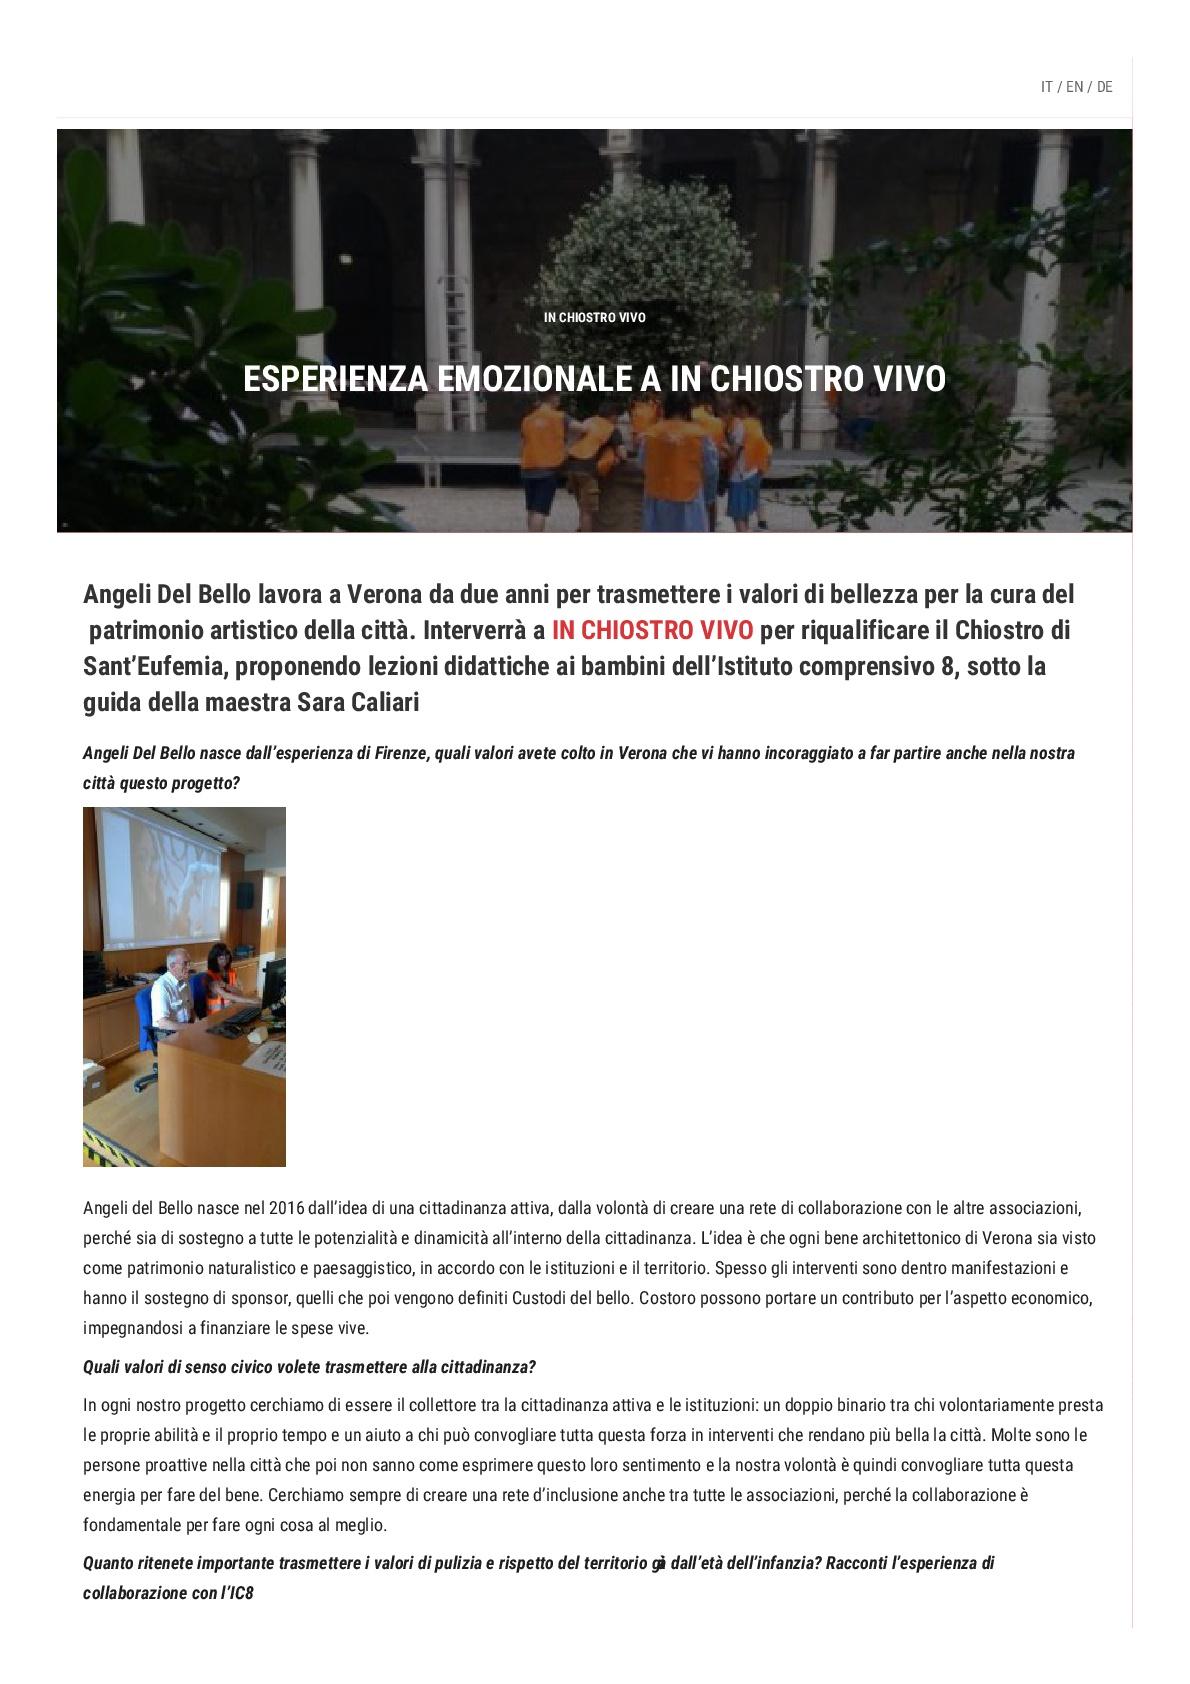 ESPERIENZA-EMOZIONALE-A-IN-CHIOSTRO-VIVO---A.LI.VE.-Accademia-Lirica-Verona-(1)-001